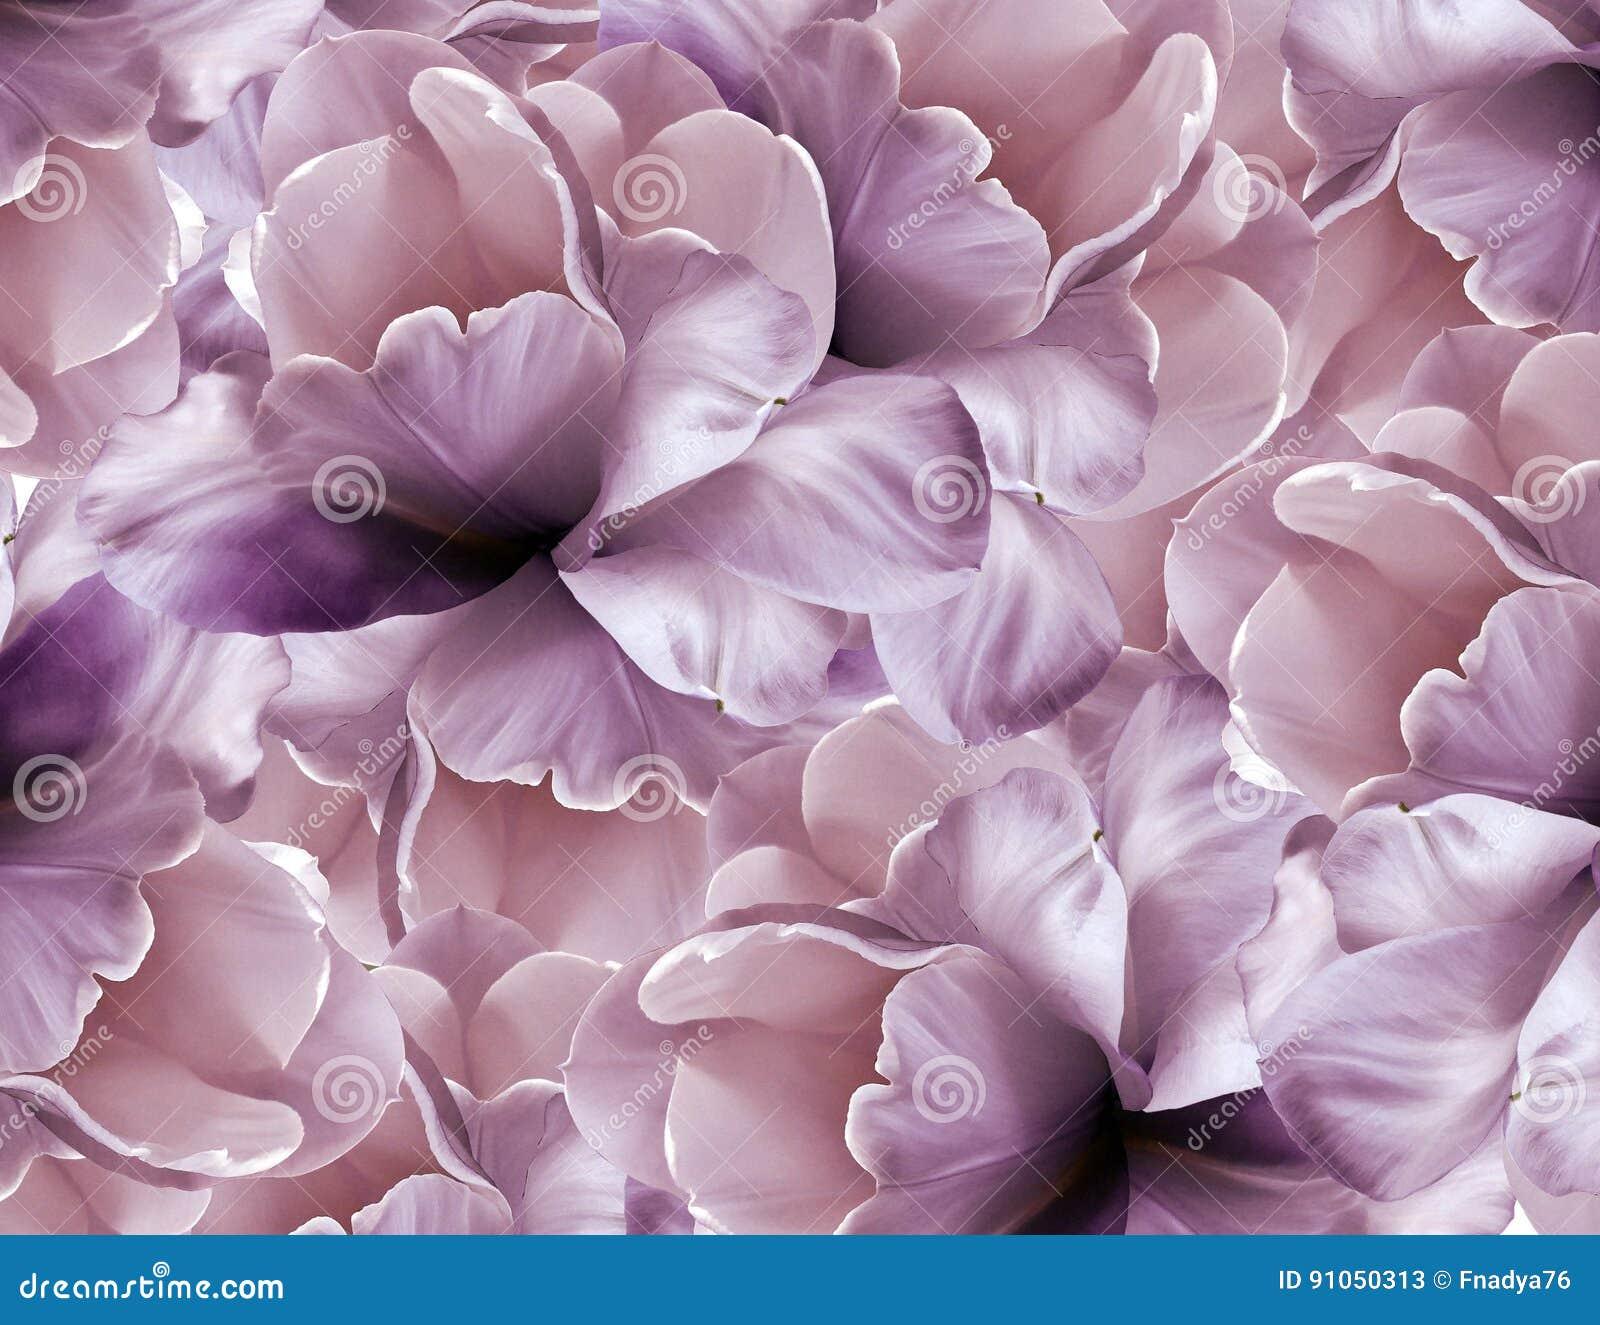 De achtergrond van het bloemen roze-viooltje De purper-witte grote tulp van bloemblaadjesbloemen bloemencollage De samenstelling